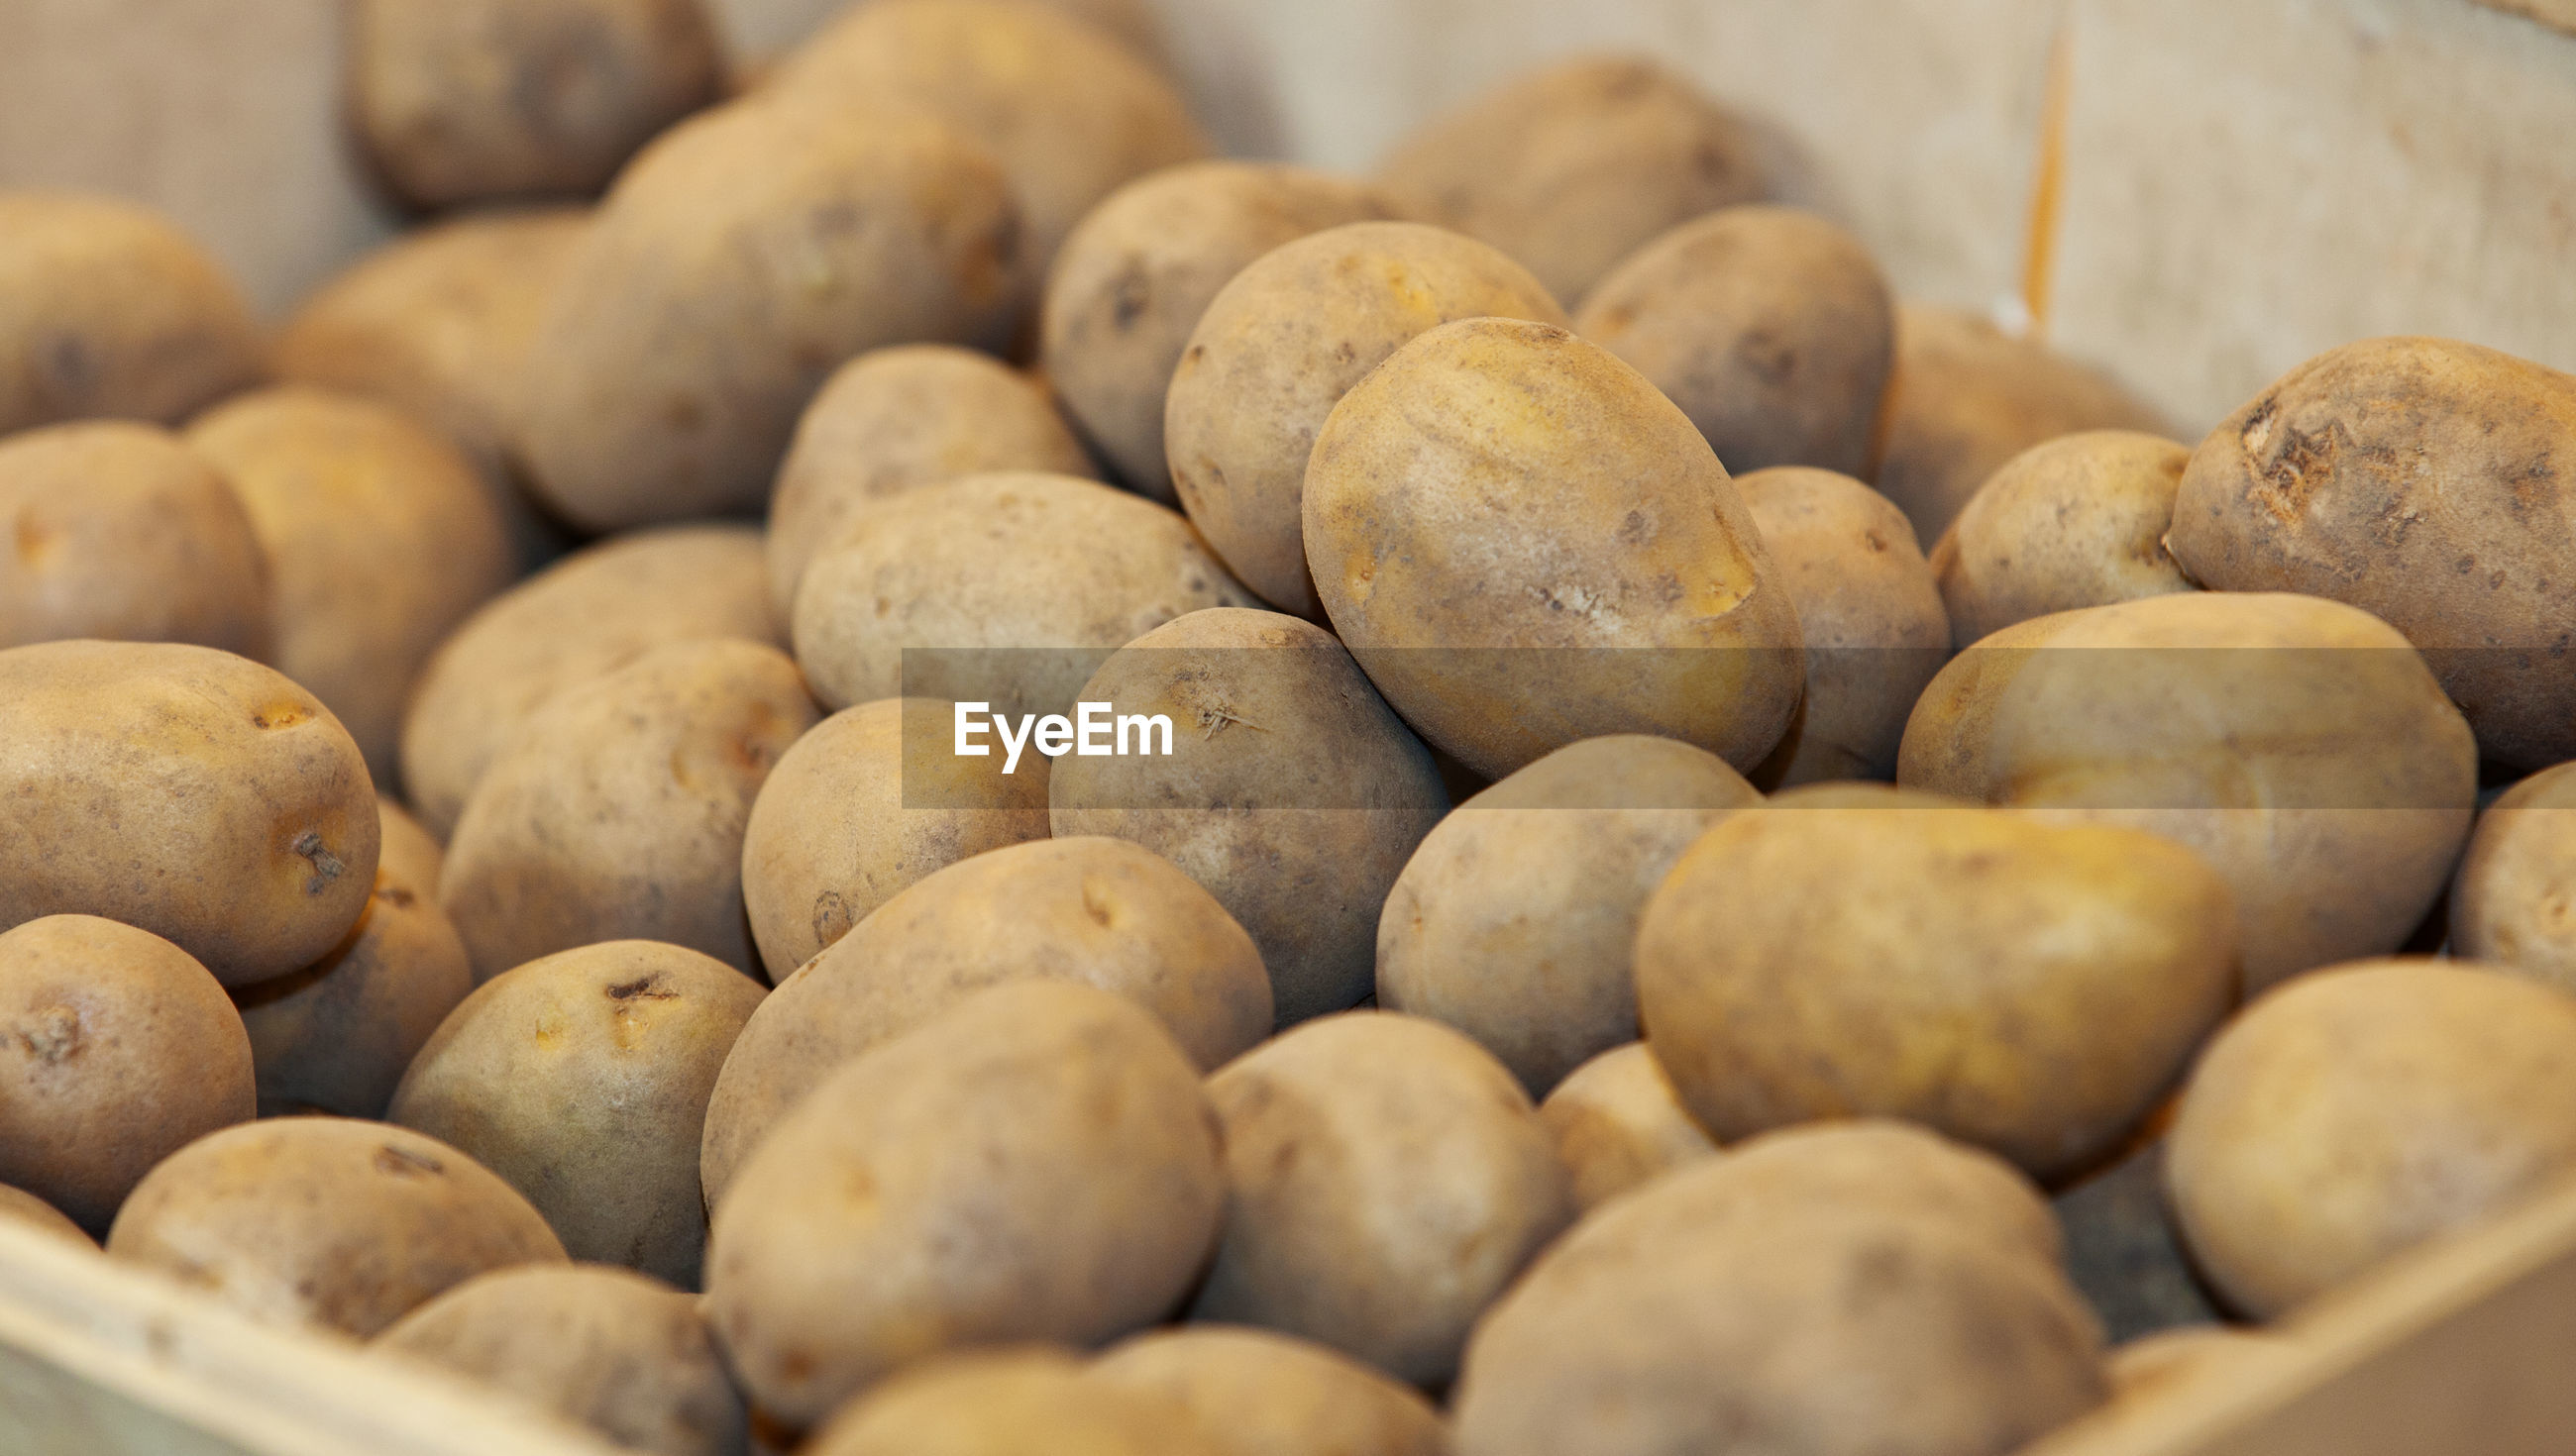 Close-up of potatoes